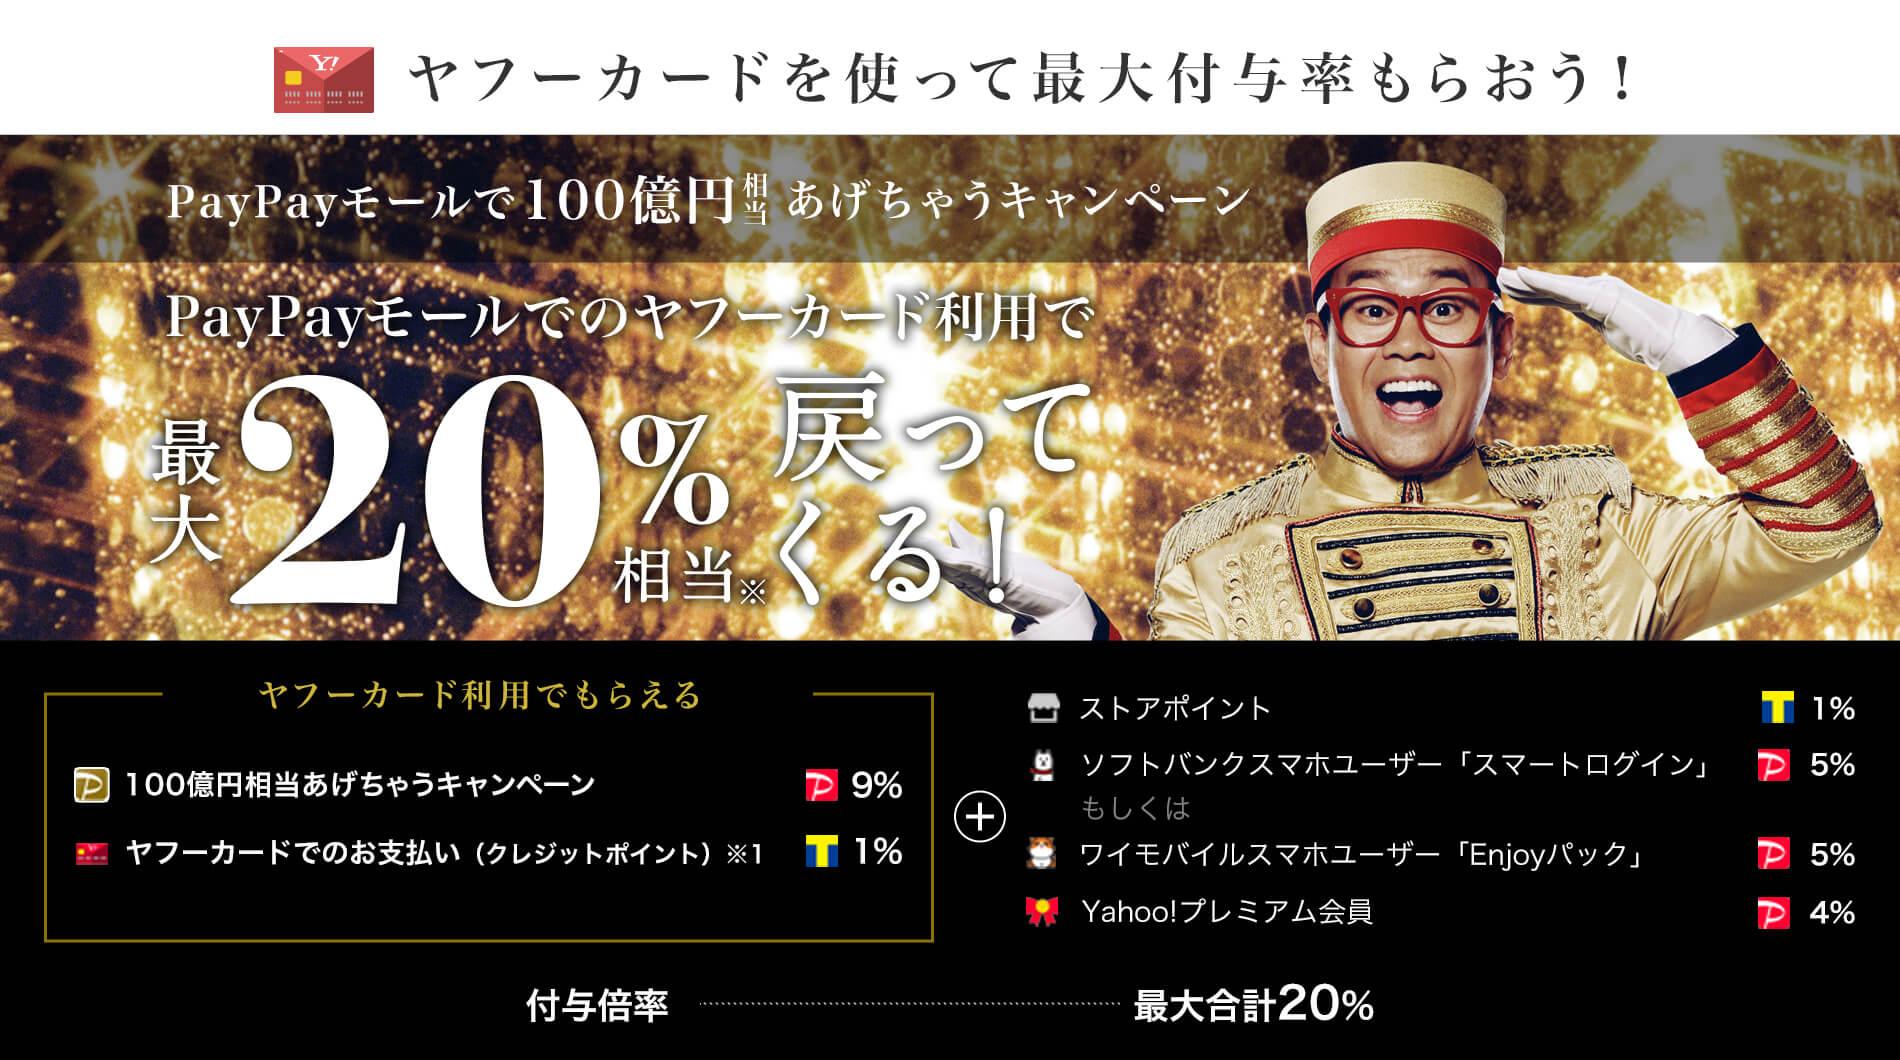 PayPayモールで100億円あげちゃうキャンペーン PayPayモールでのヤフーカードの利用で最大20%相当戻ってくる!